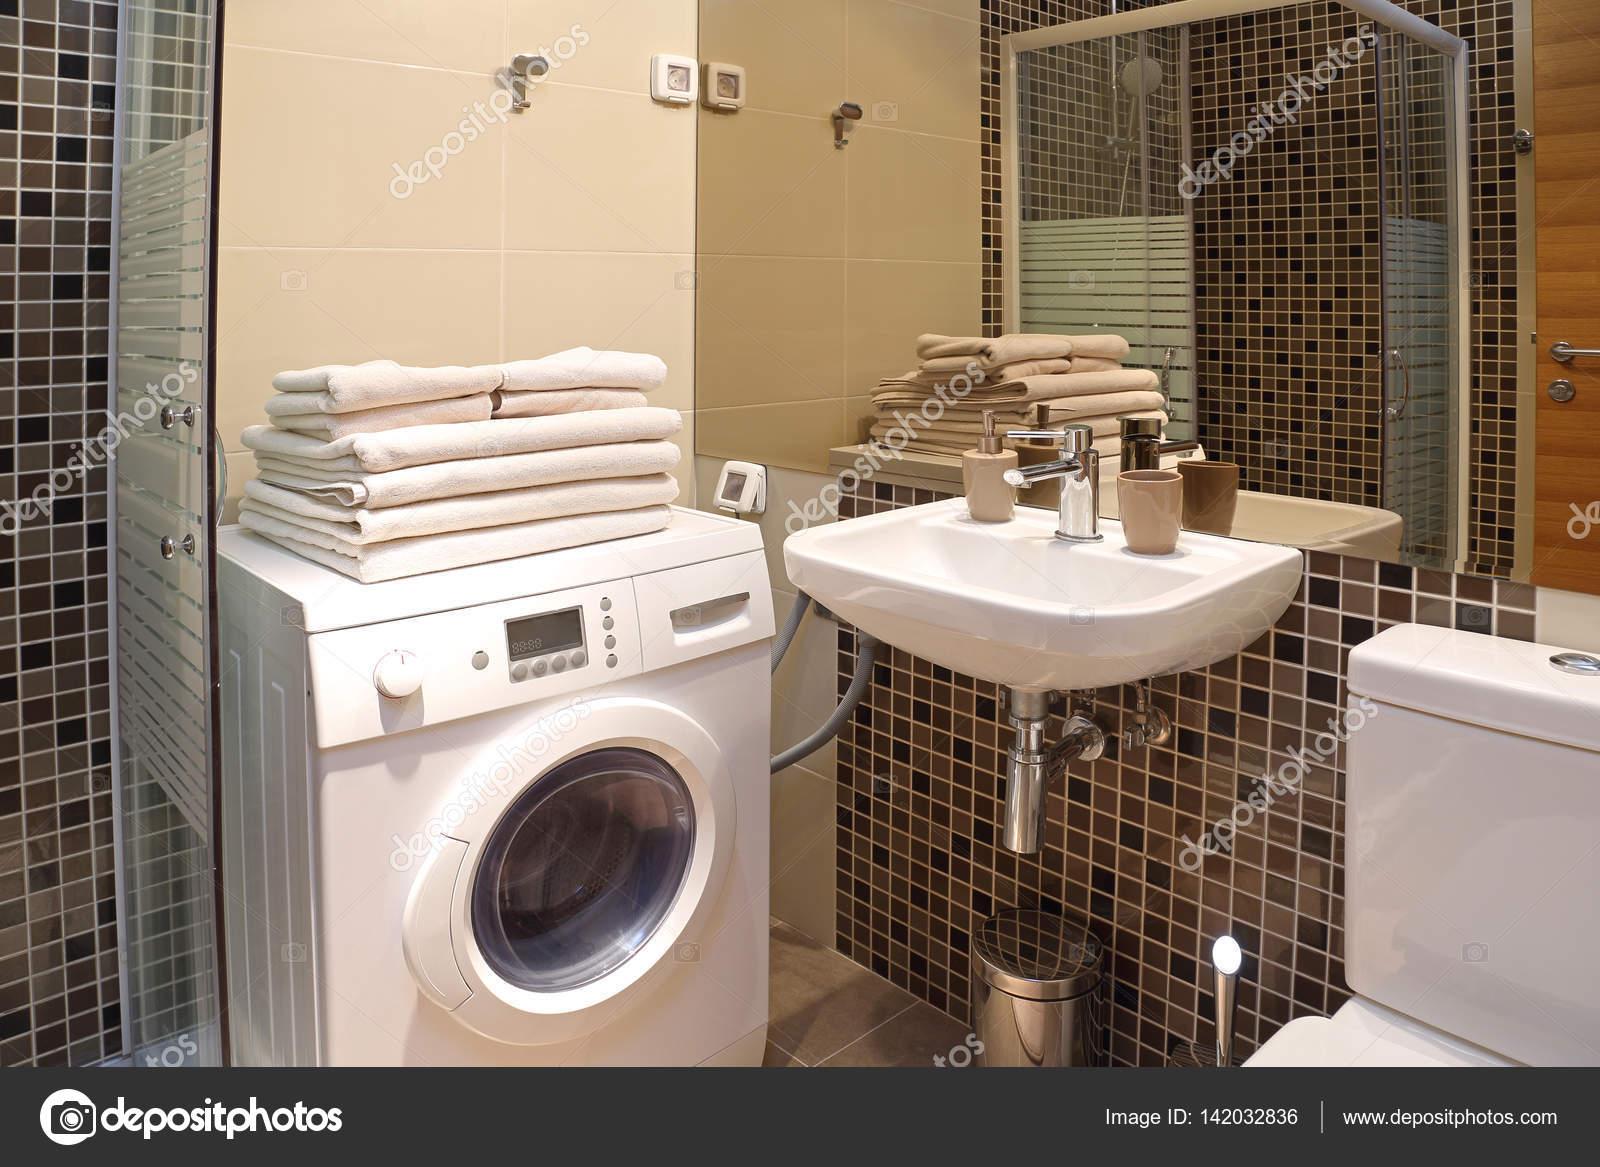 Wasmachine In Badkamer : Wasmachine badkamer vocht u devolonter